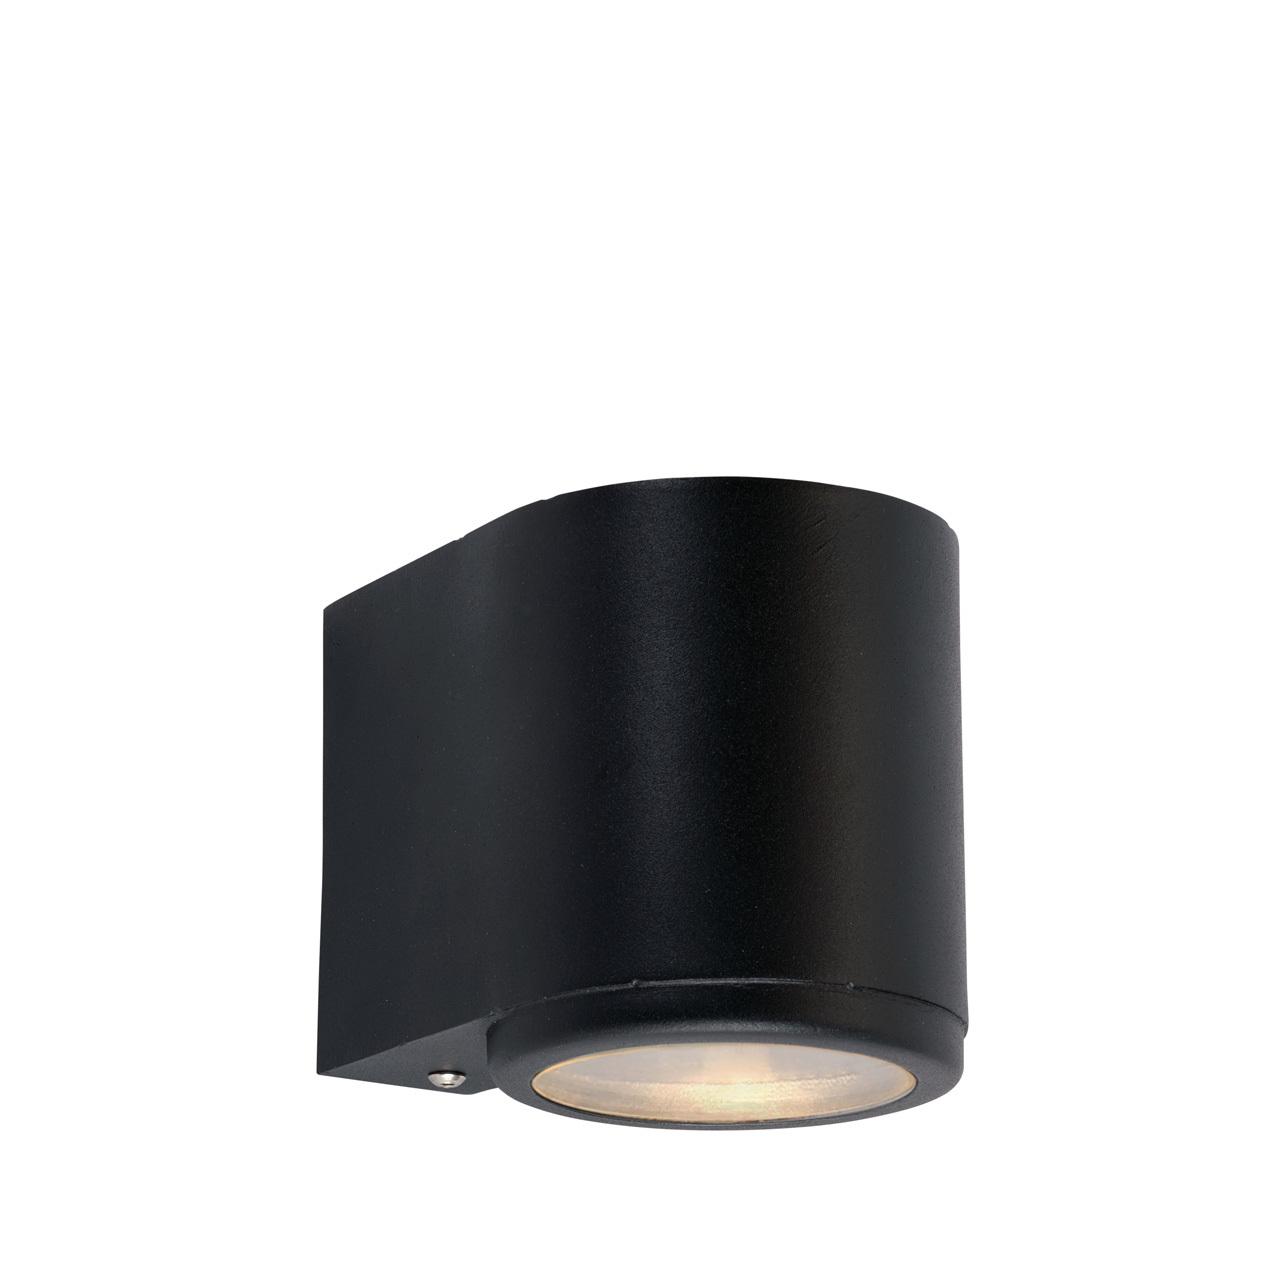 Lampa ścienna MANDAL LED 1373B -Norlys  SPRAWDŹ RABATY  5-10-15-20 % w koszyku